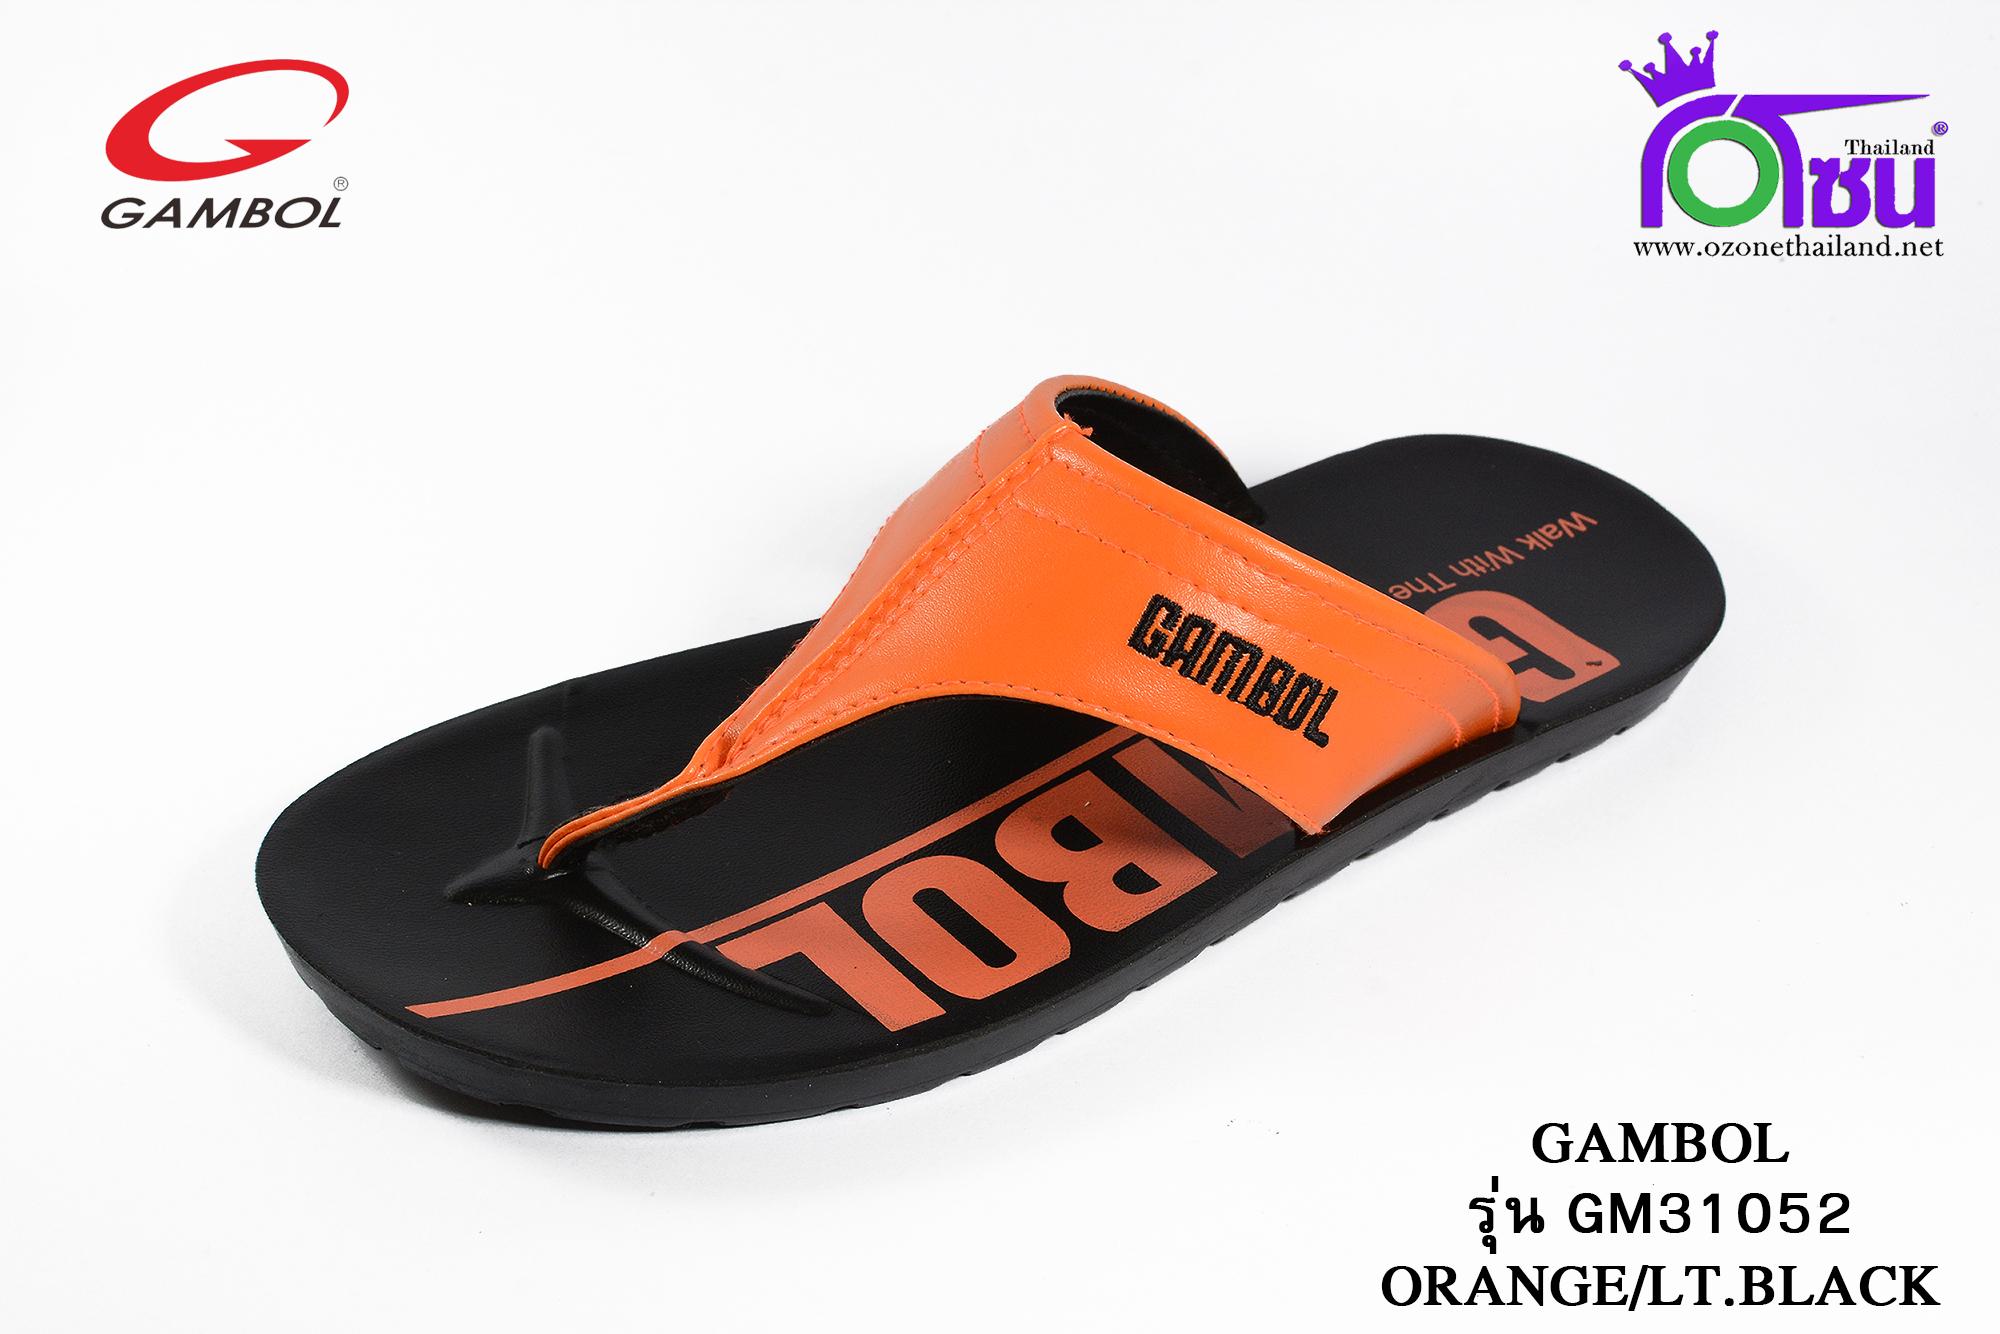 รองเท้าแตะGambol PU แกมโบล พียู รหัส GM31052 สีส้มดำ เบอร์ 39-43